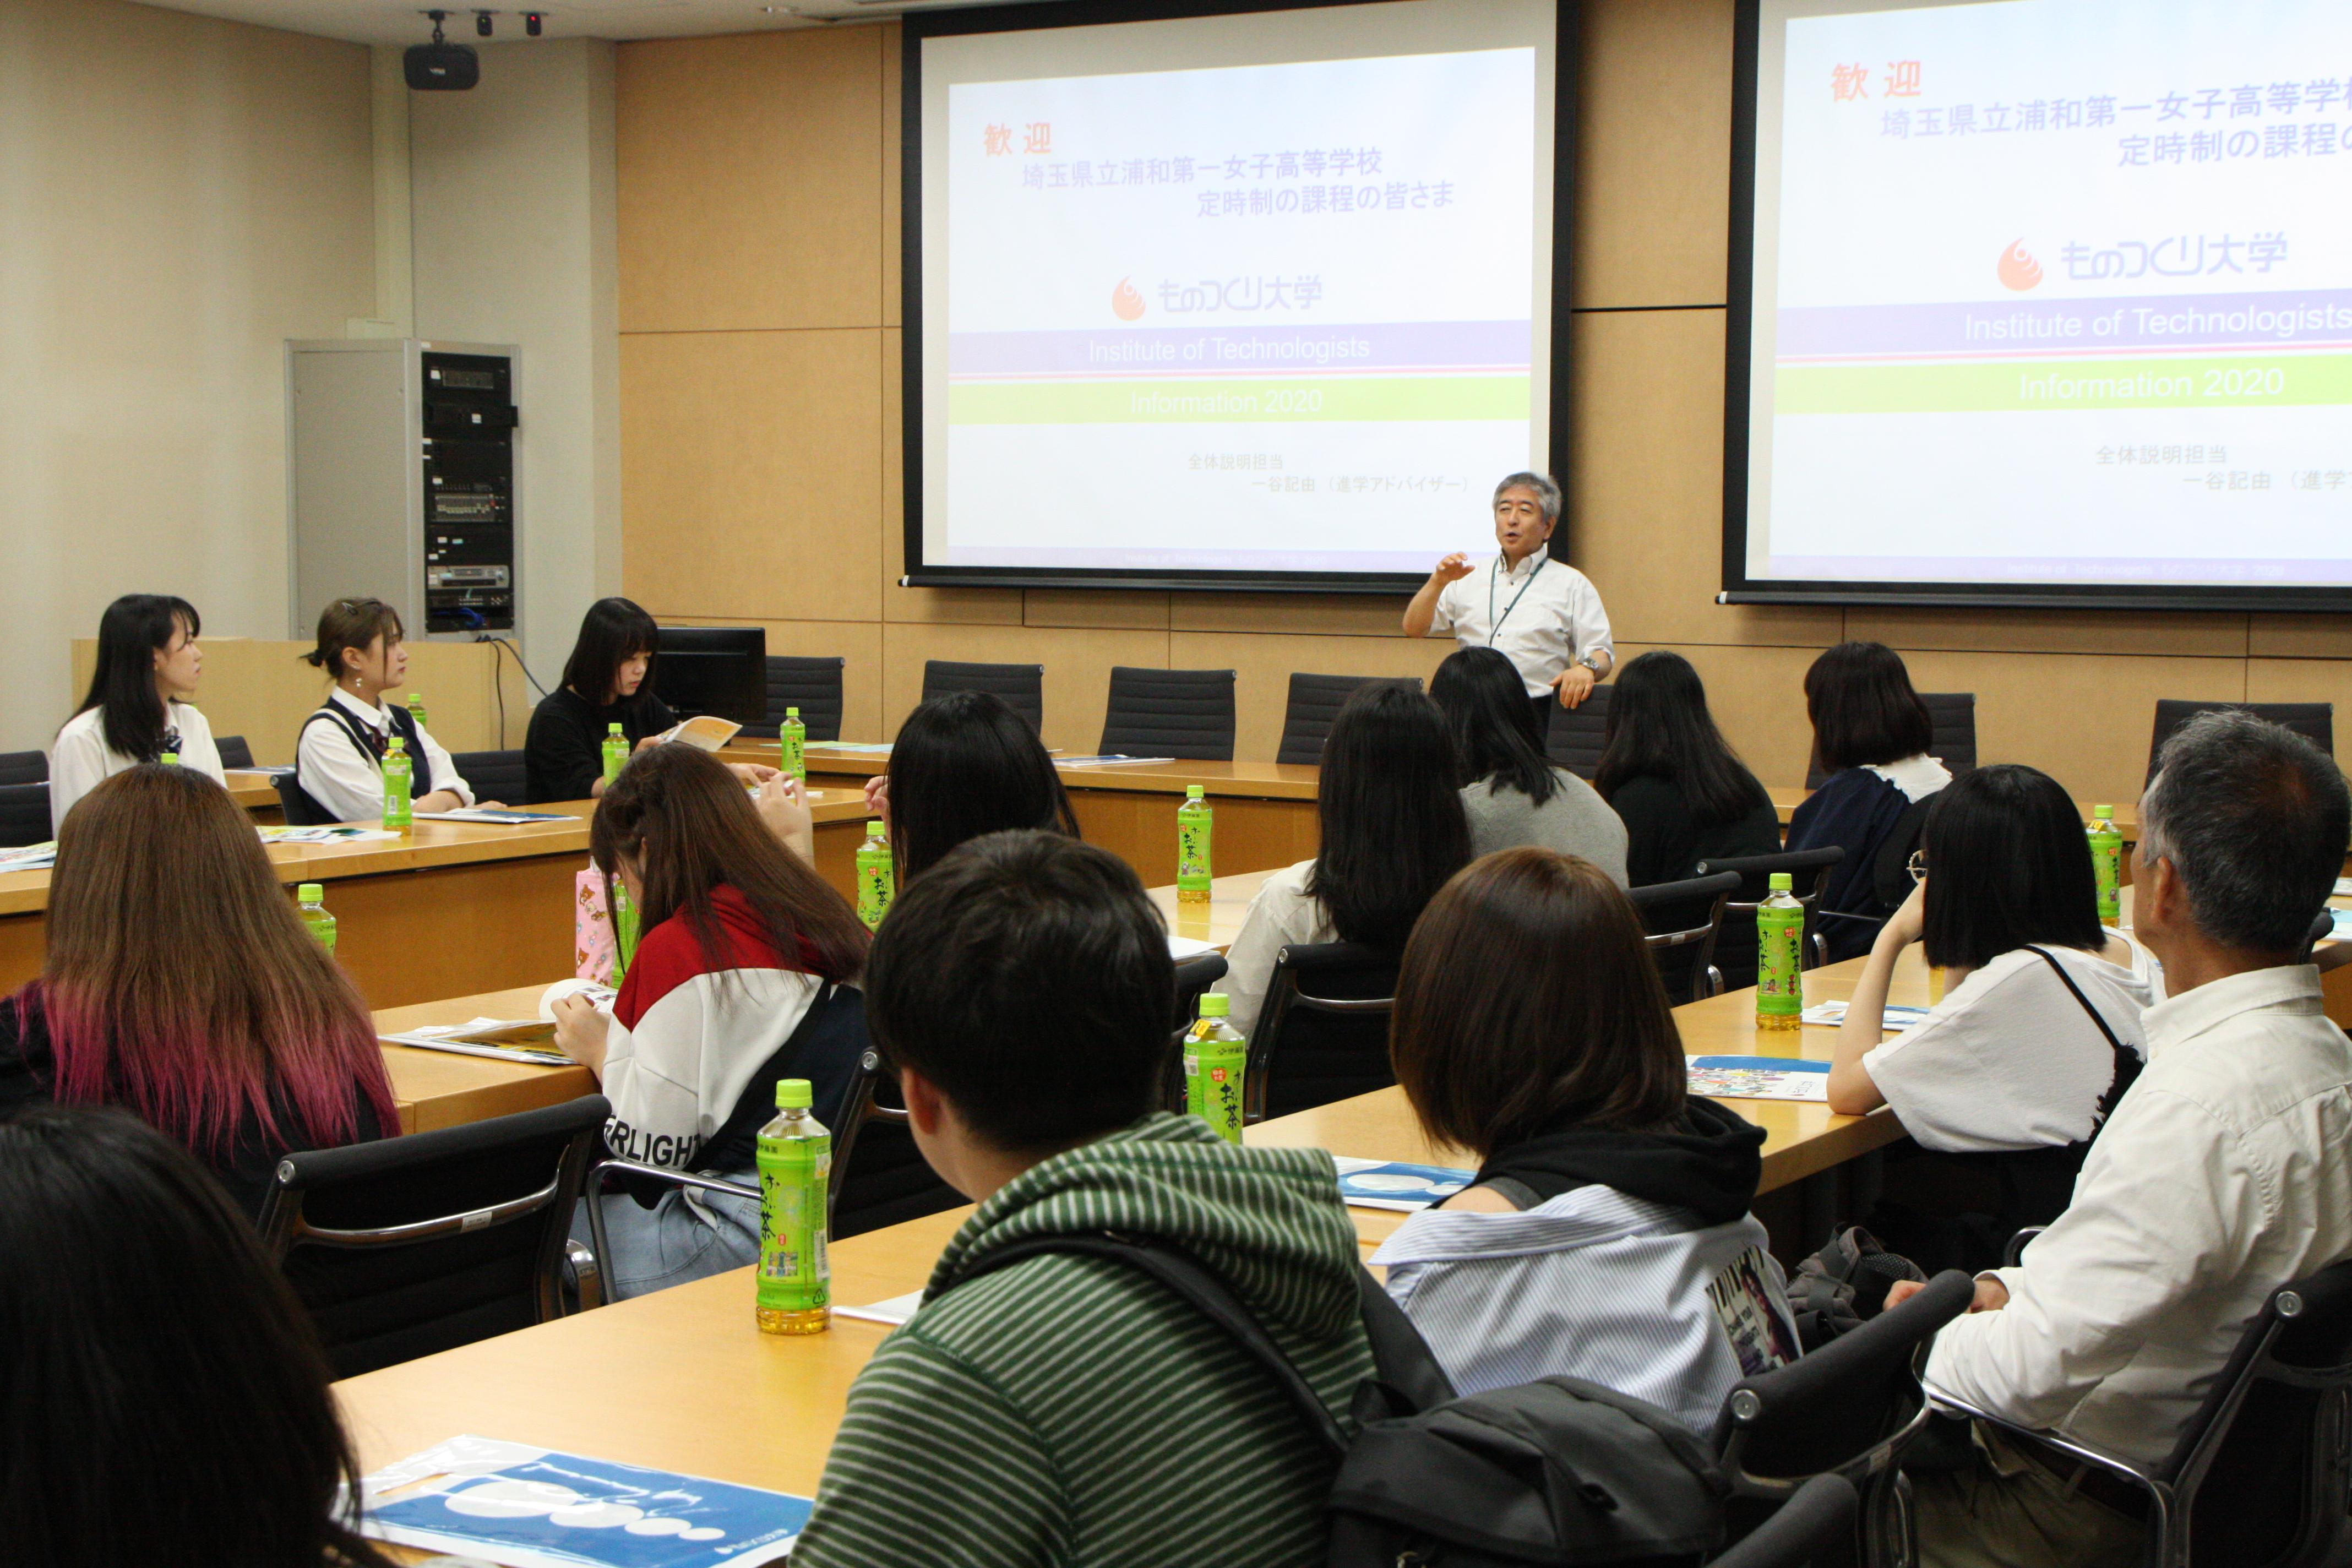 埼玉県立浦和第一女子高校定時制の皆様が大学見学